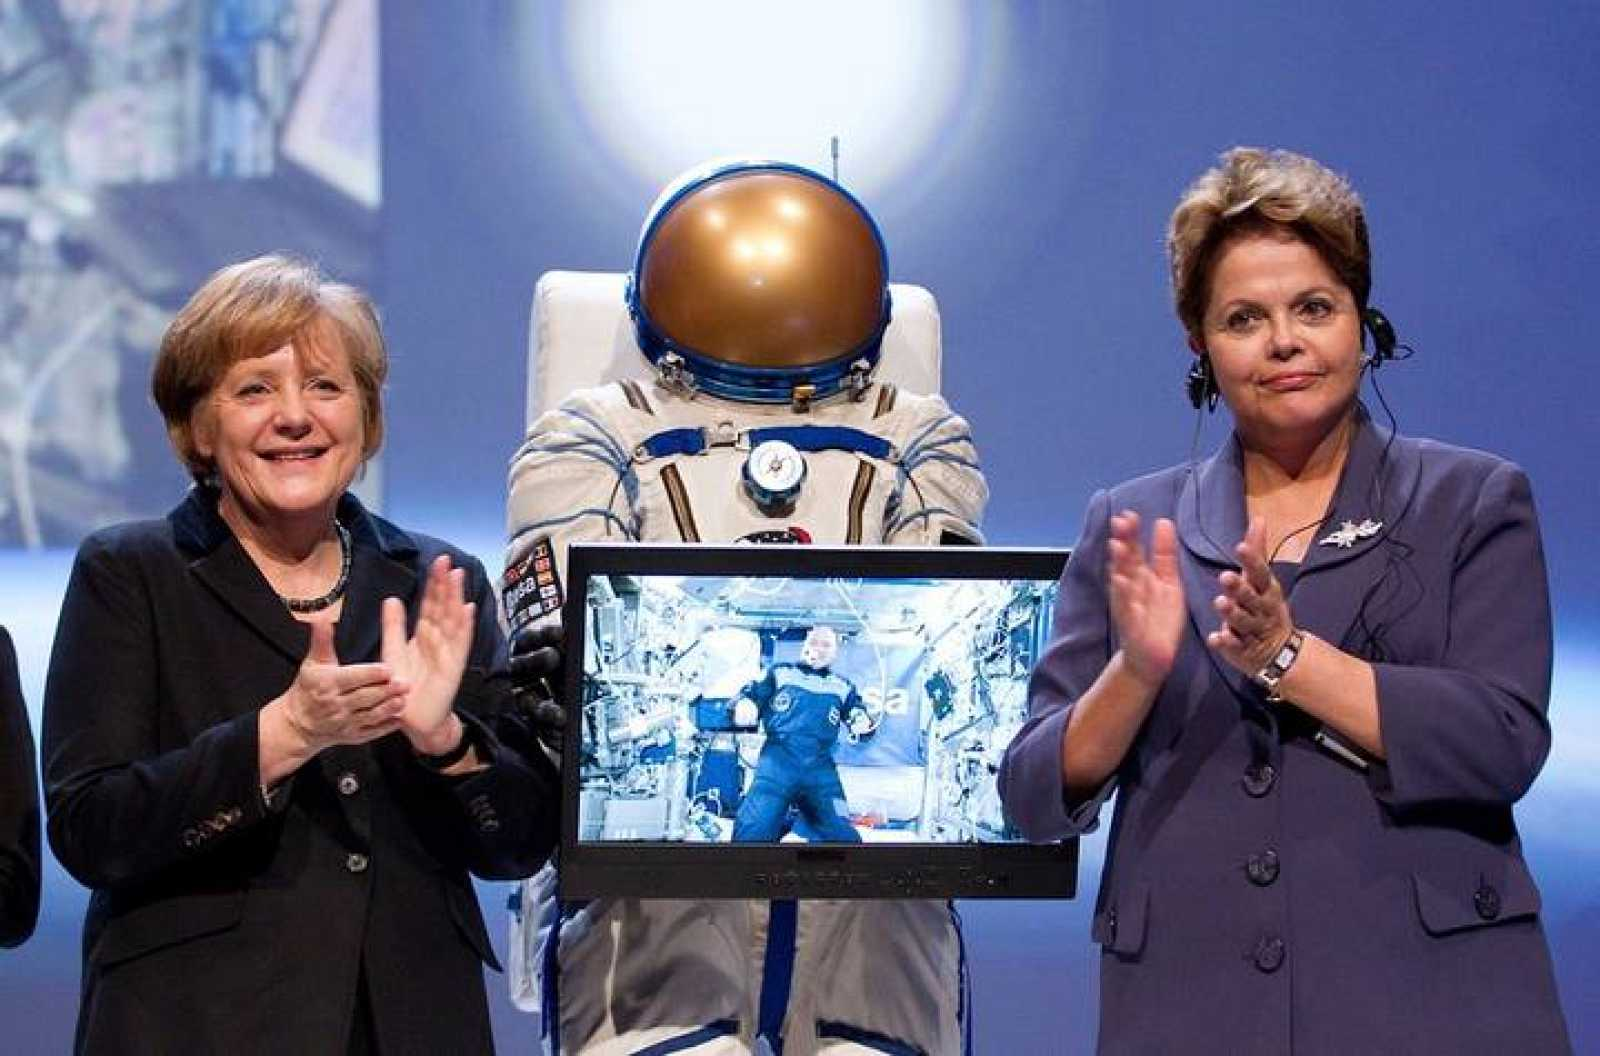 La canciller alemana Angela Merkel y la presidenta brasileña Dilma Rousseff en la inauguración del CeBIT